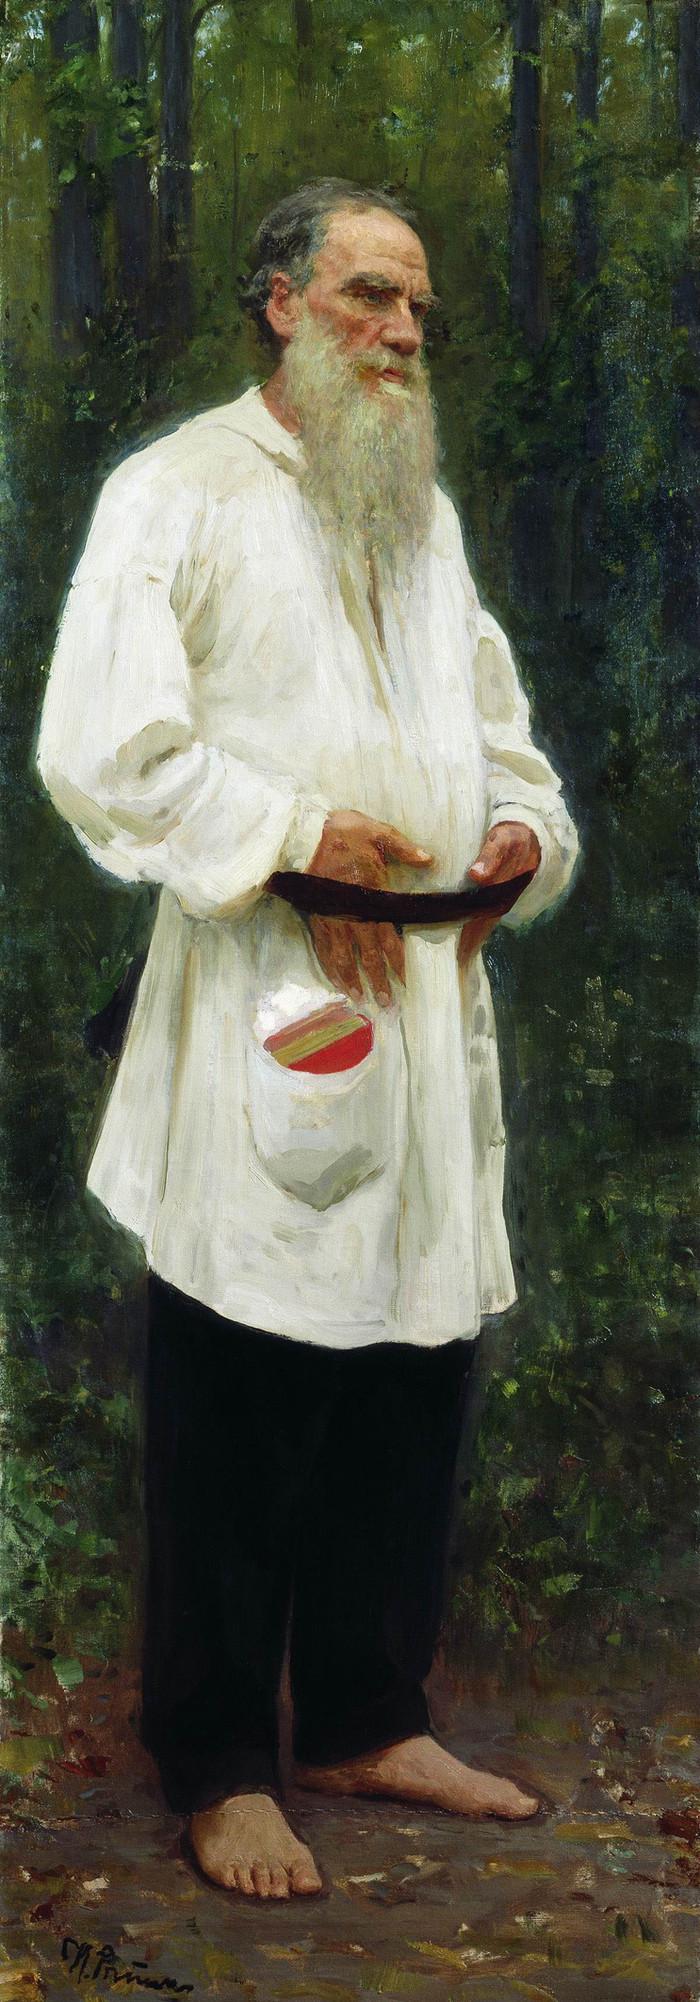 Хайп образца 1903 года или Ноги Льва Толстого Лига историков, Лев Толстой, Репин, Бунин, Скандал, Пресса, Длиннопост